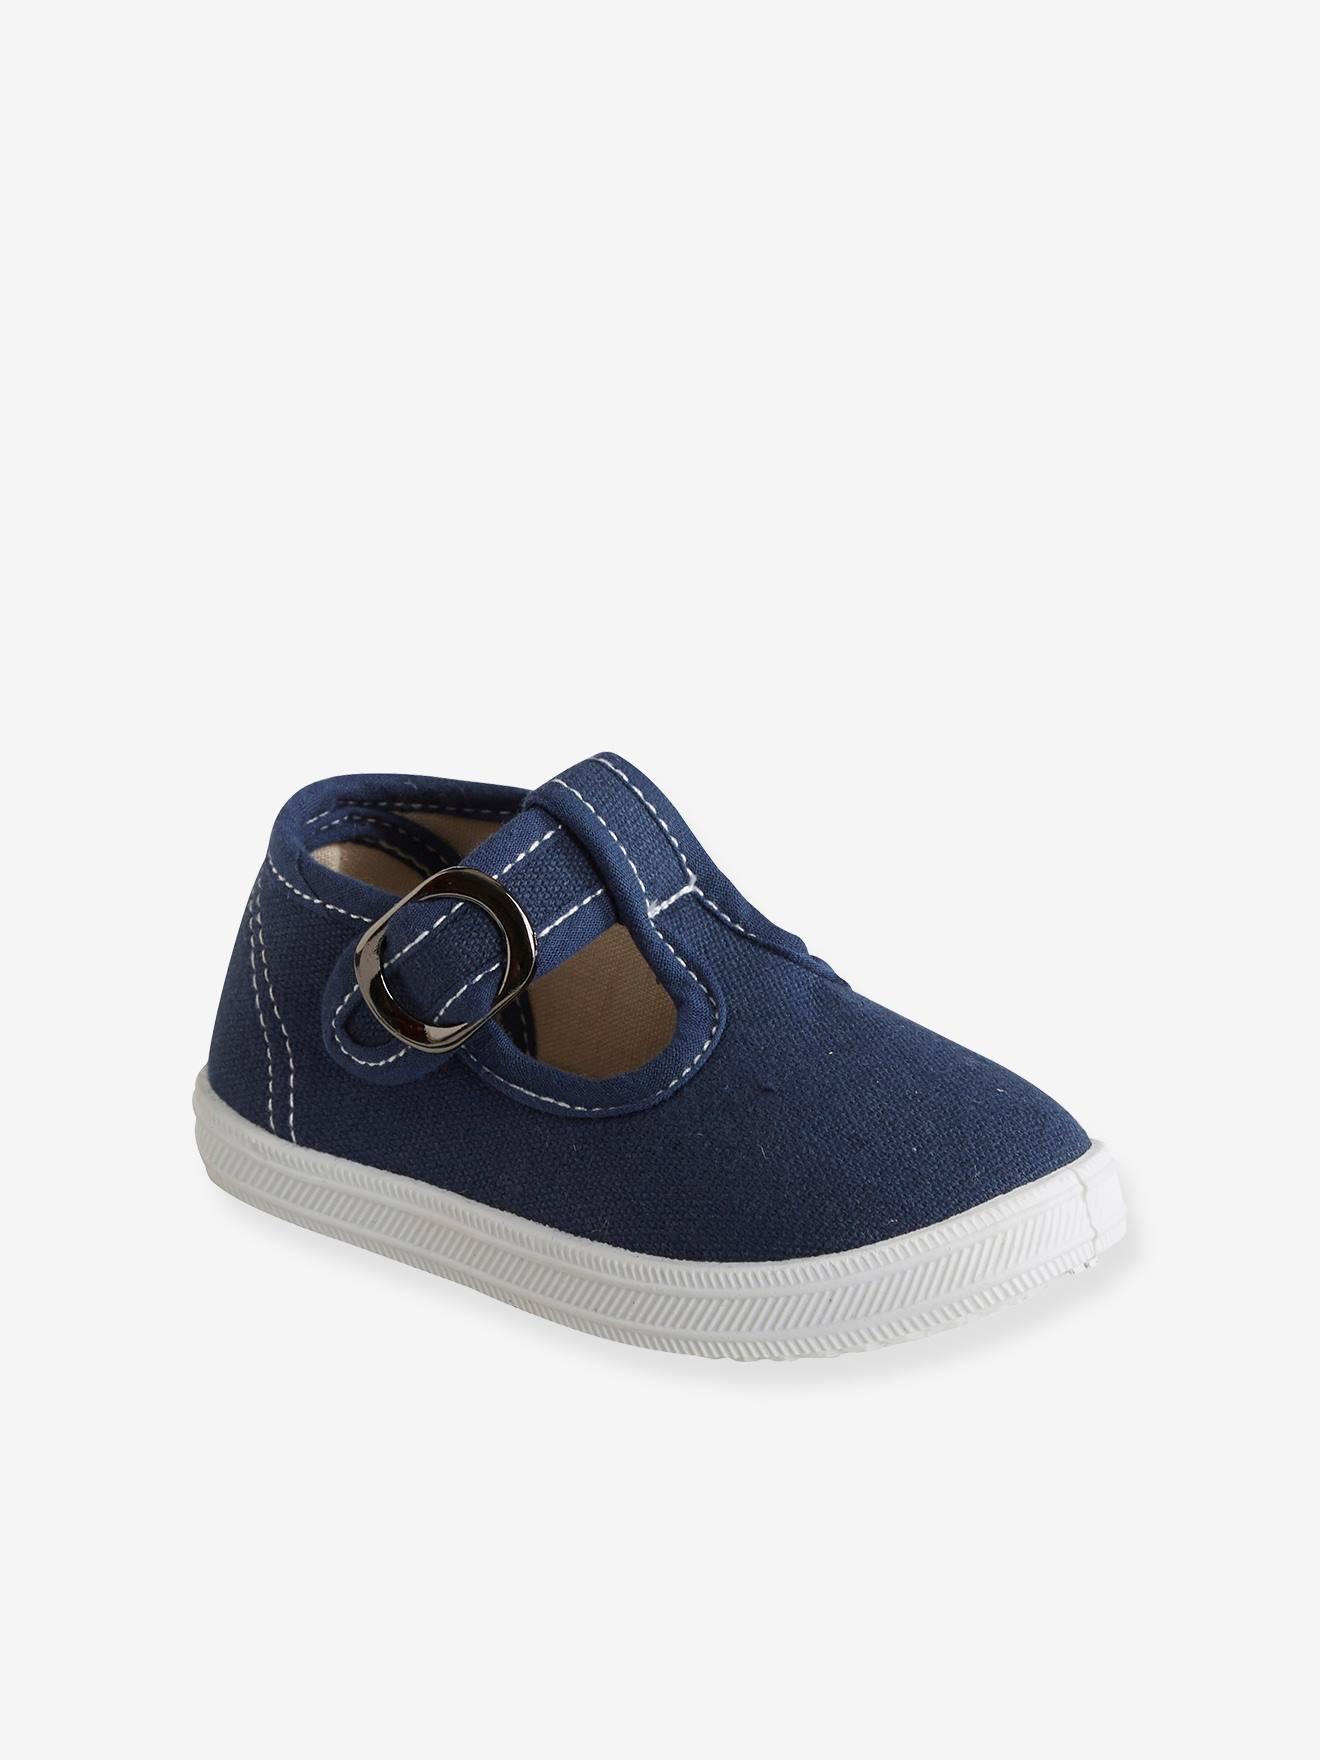 Chaussures Chaussure 18 23 Au Pas Bébé Premiers Vertbaudet Pour Du W29EIDYH